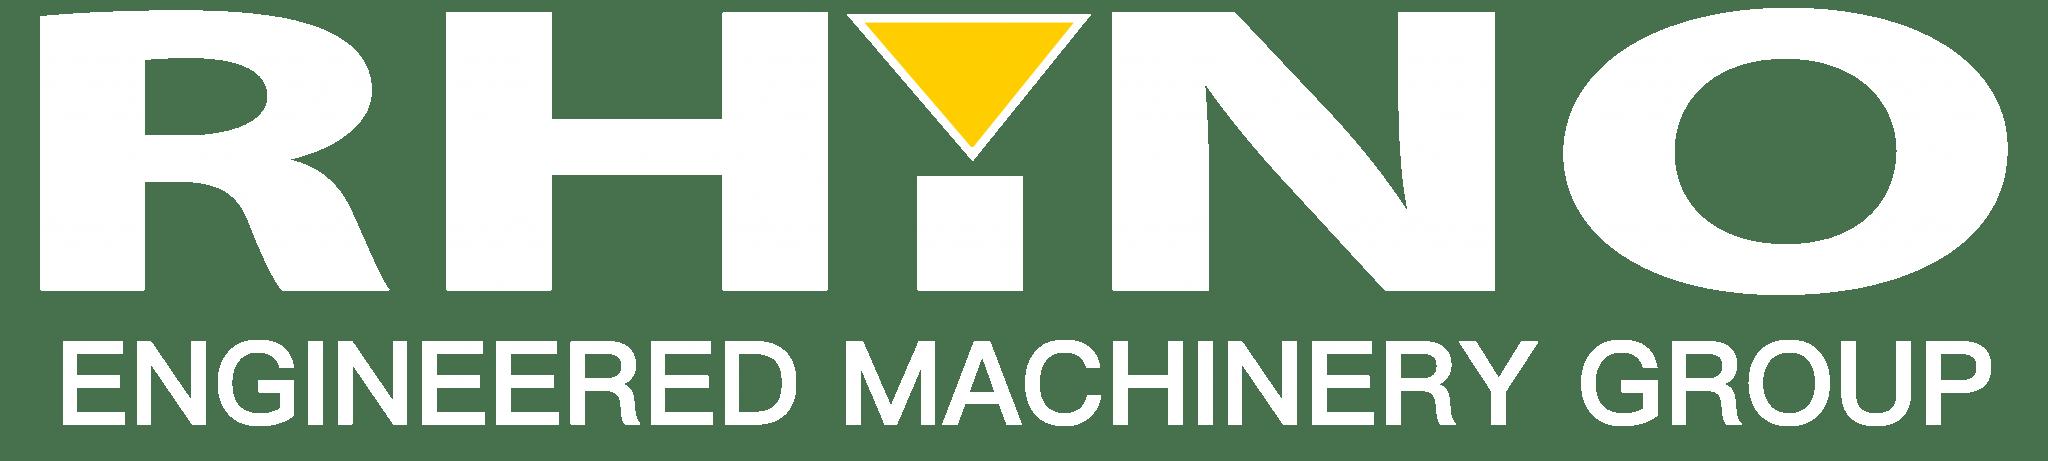 RHINO ENGINEERED MACHINERY